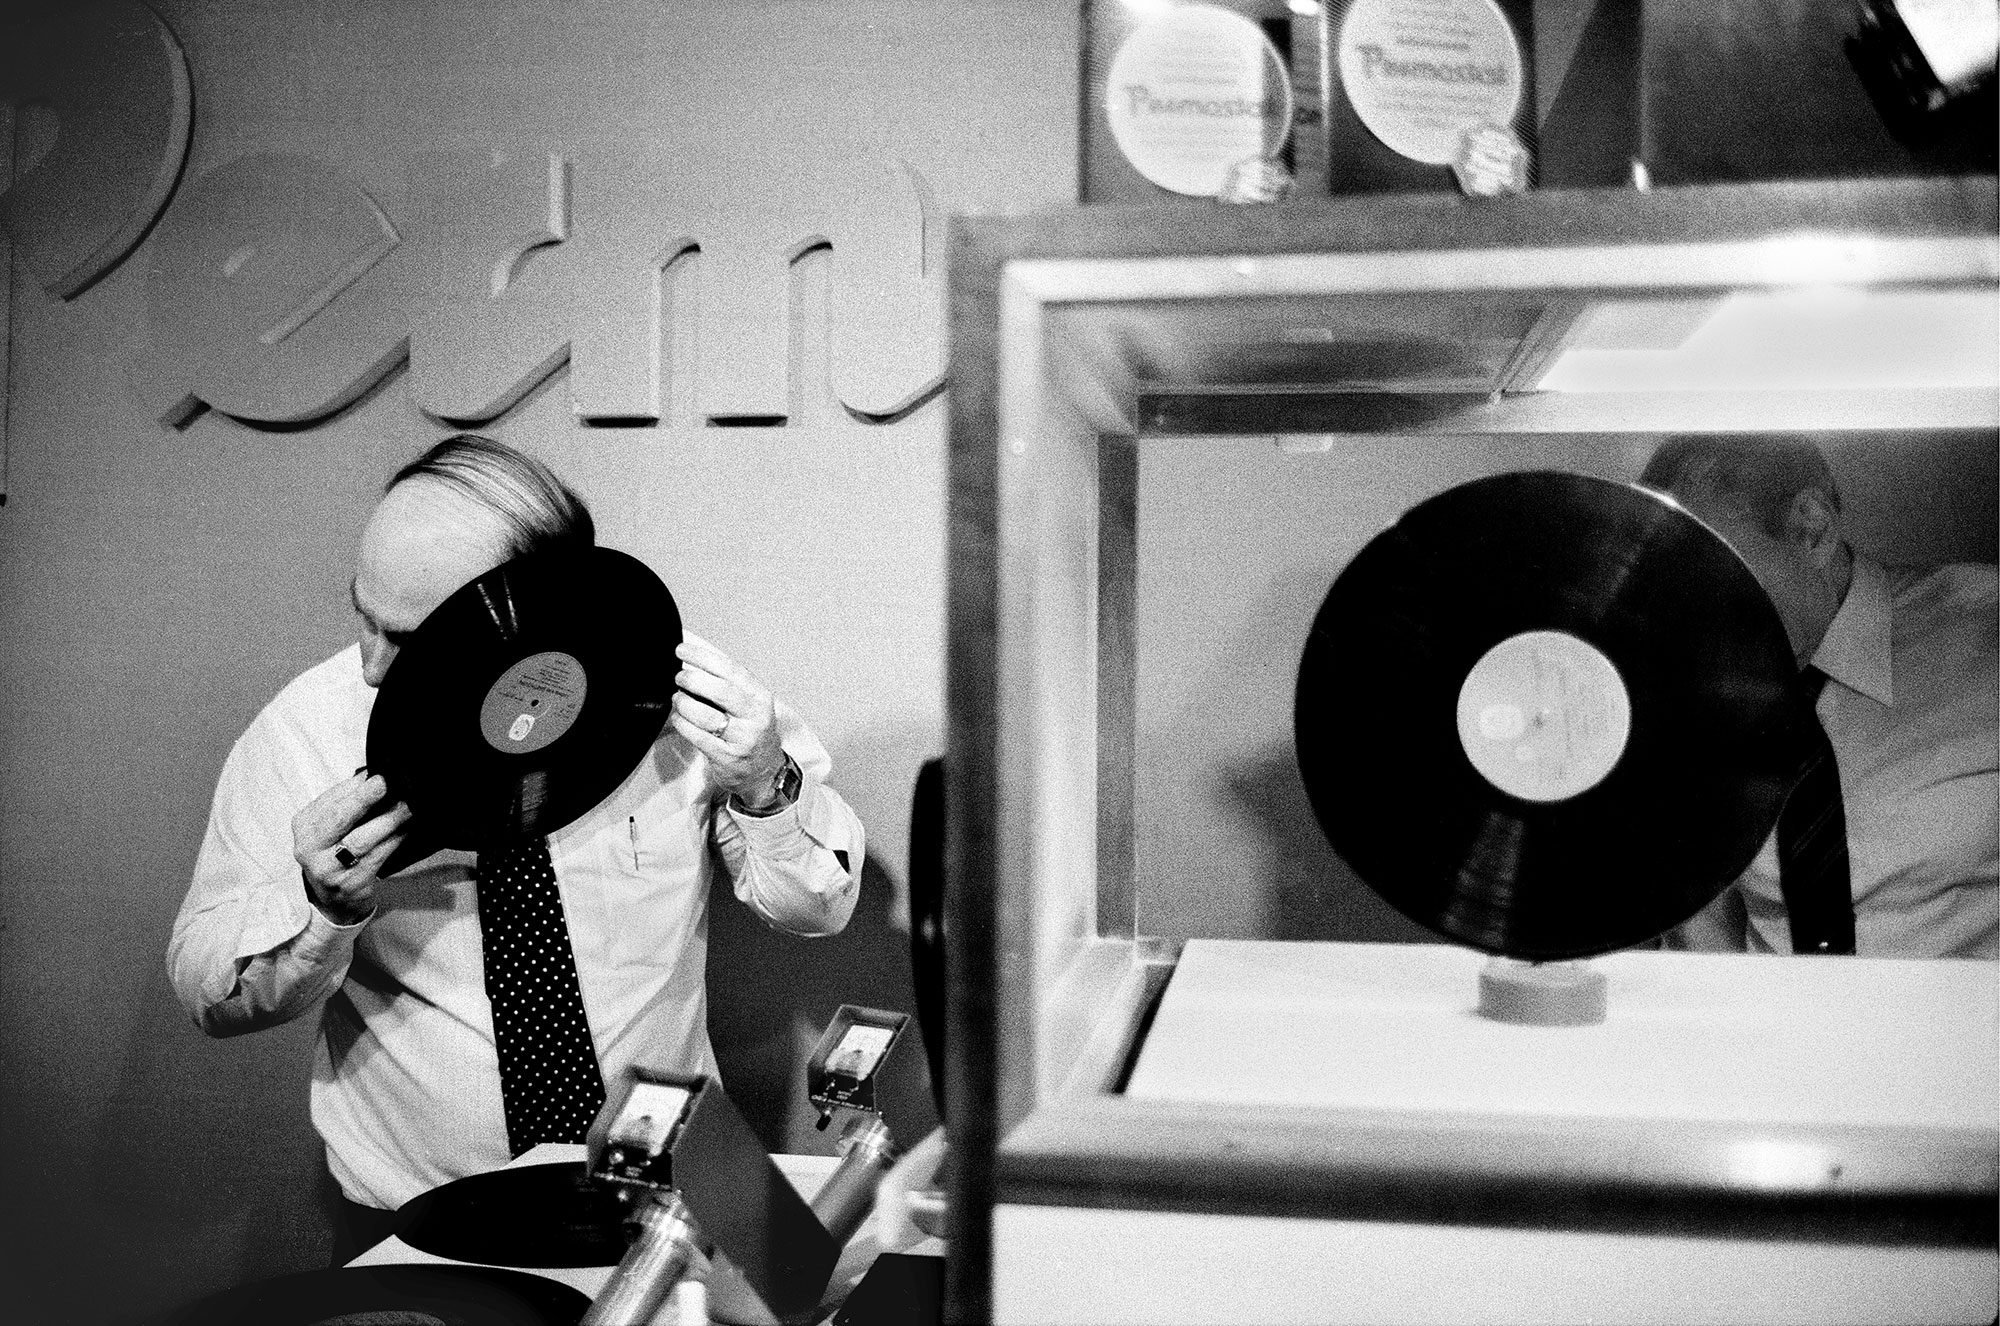 Photo horizontale en noir et blanc de Guy Le Querrec – Magnum Photos Un disque vinyl trône dans une vitrine d'exposition. À côté, un homme dégarni en chemise et cravate colle son oreille contre la galette d'un autre vinyl.